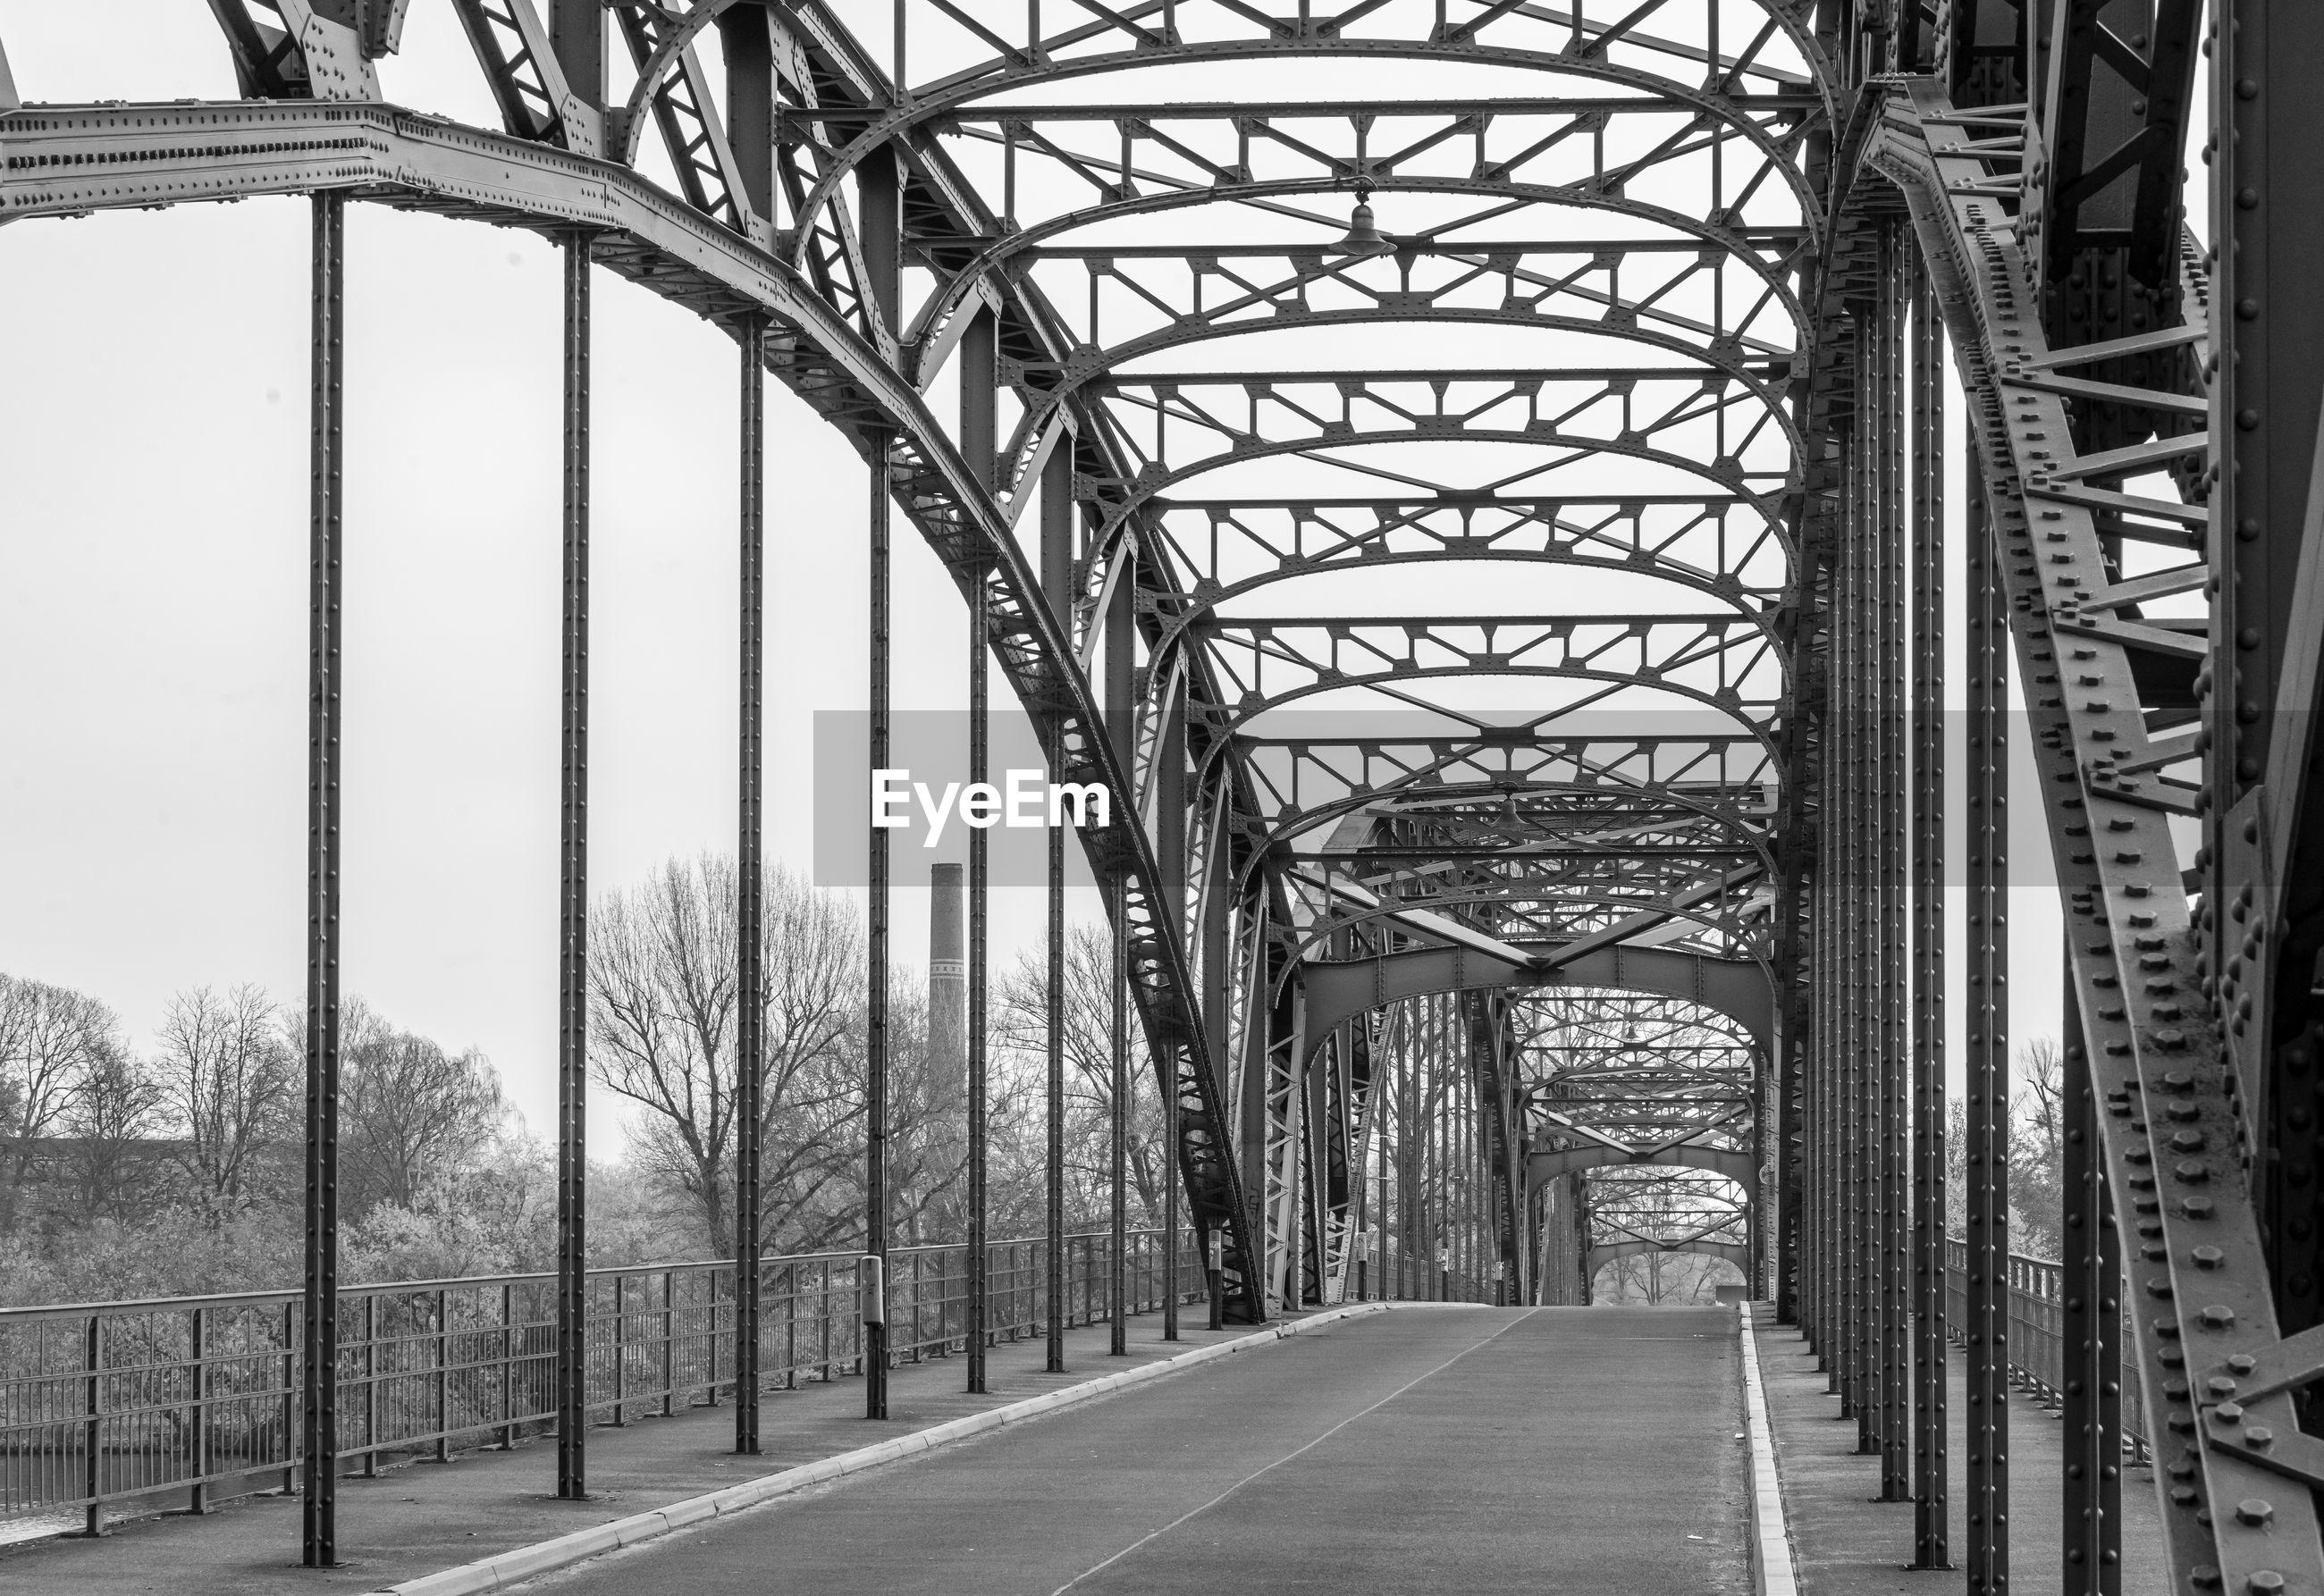 Empty road along bridge in city